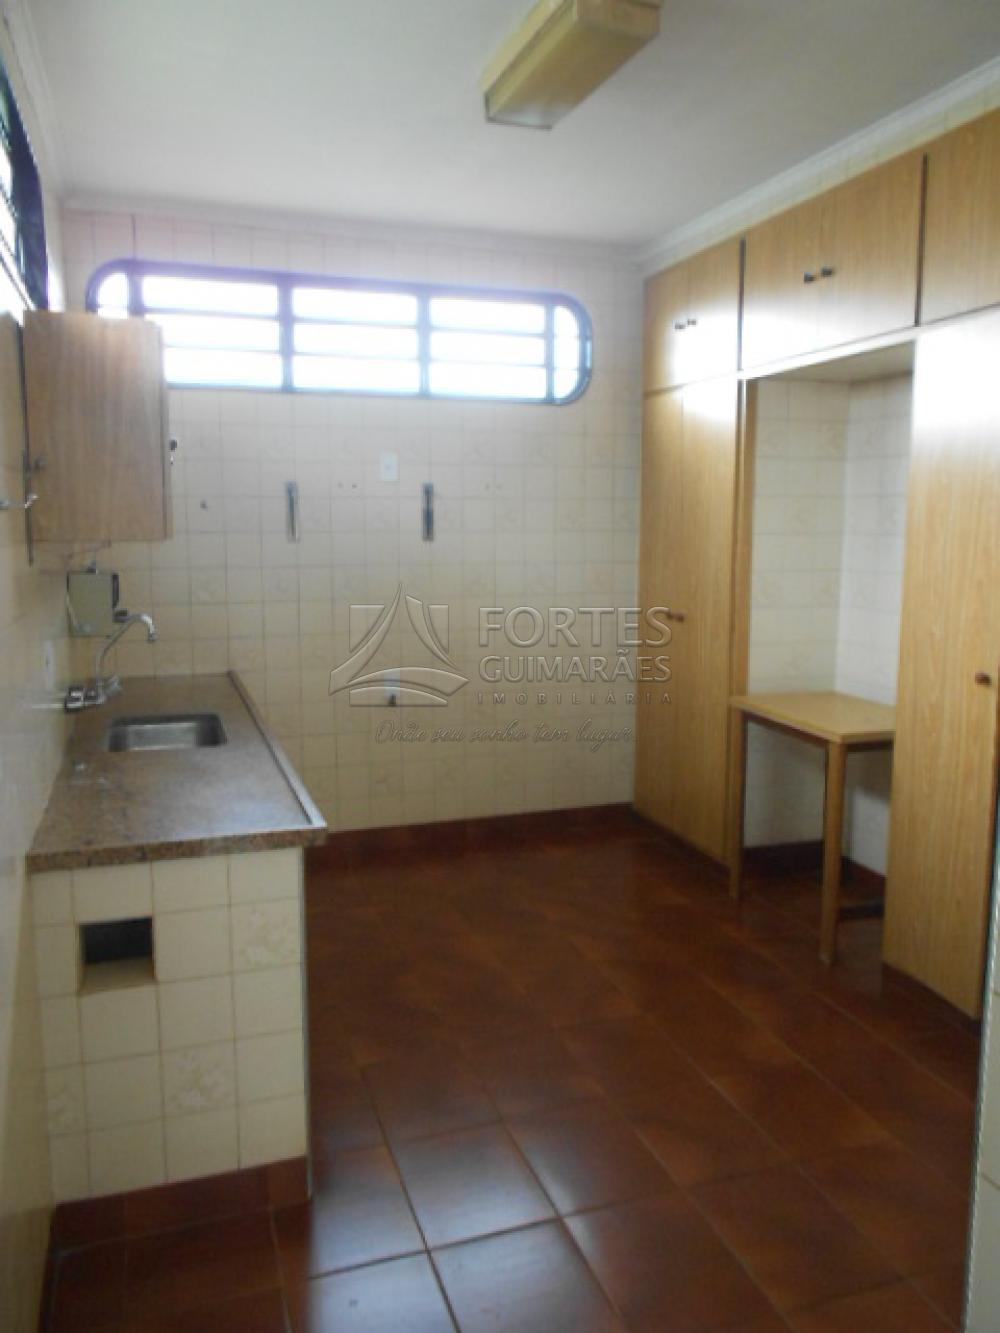 Alugar Comercial / Imóvel Comercial em Ribeirão Preto apenas R$ 5.000,00 - Foto 51